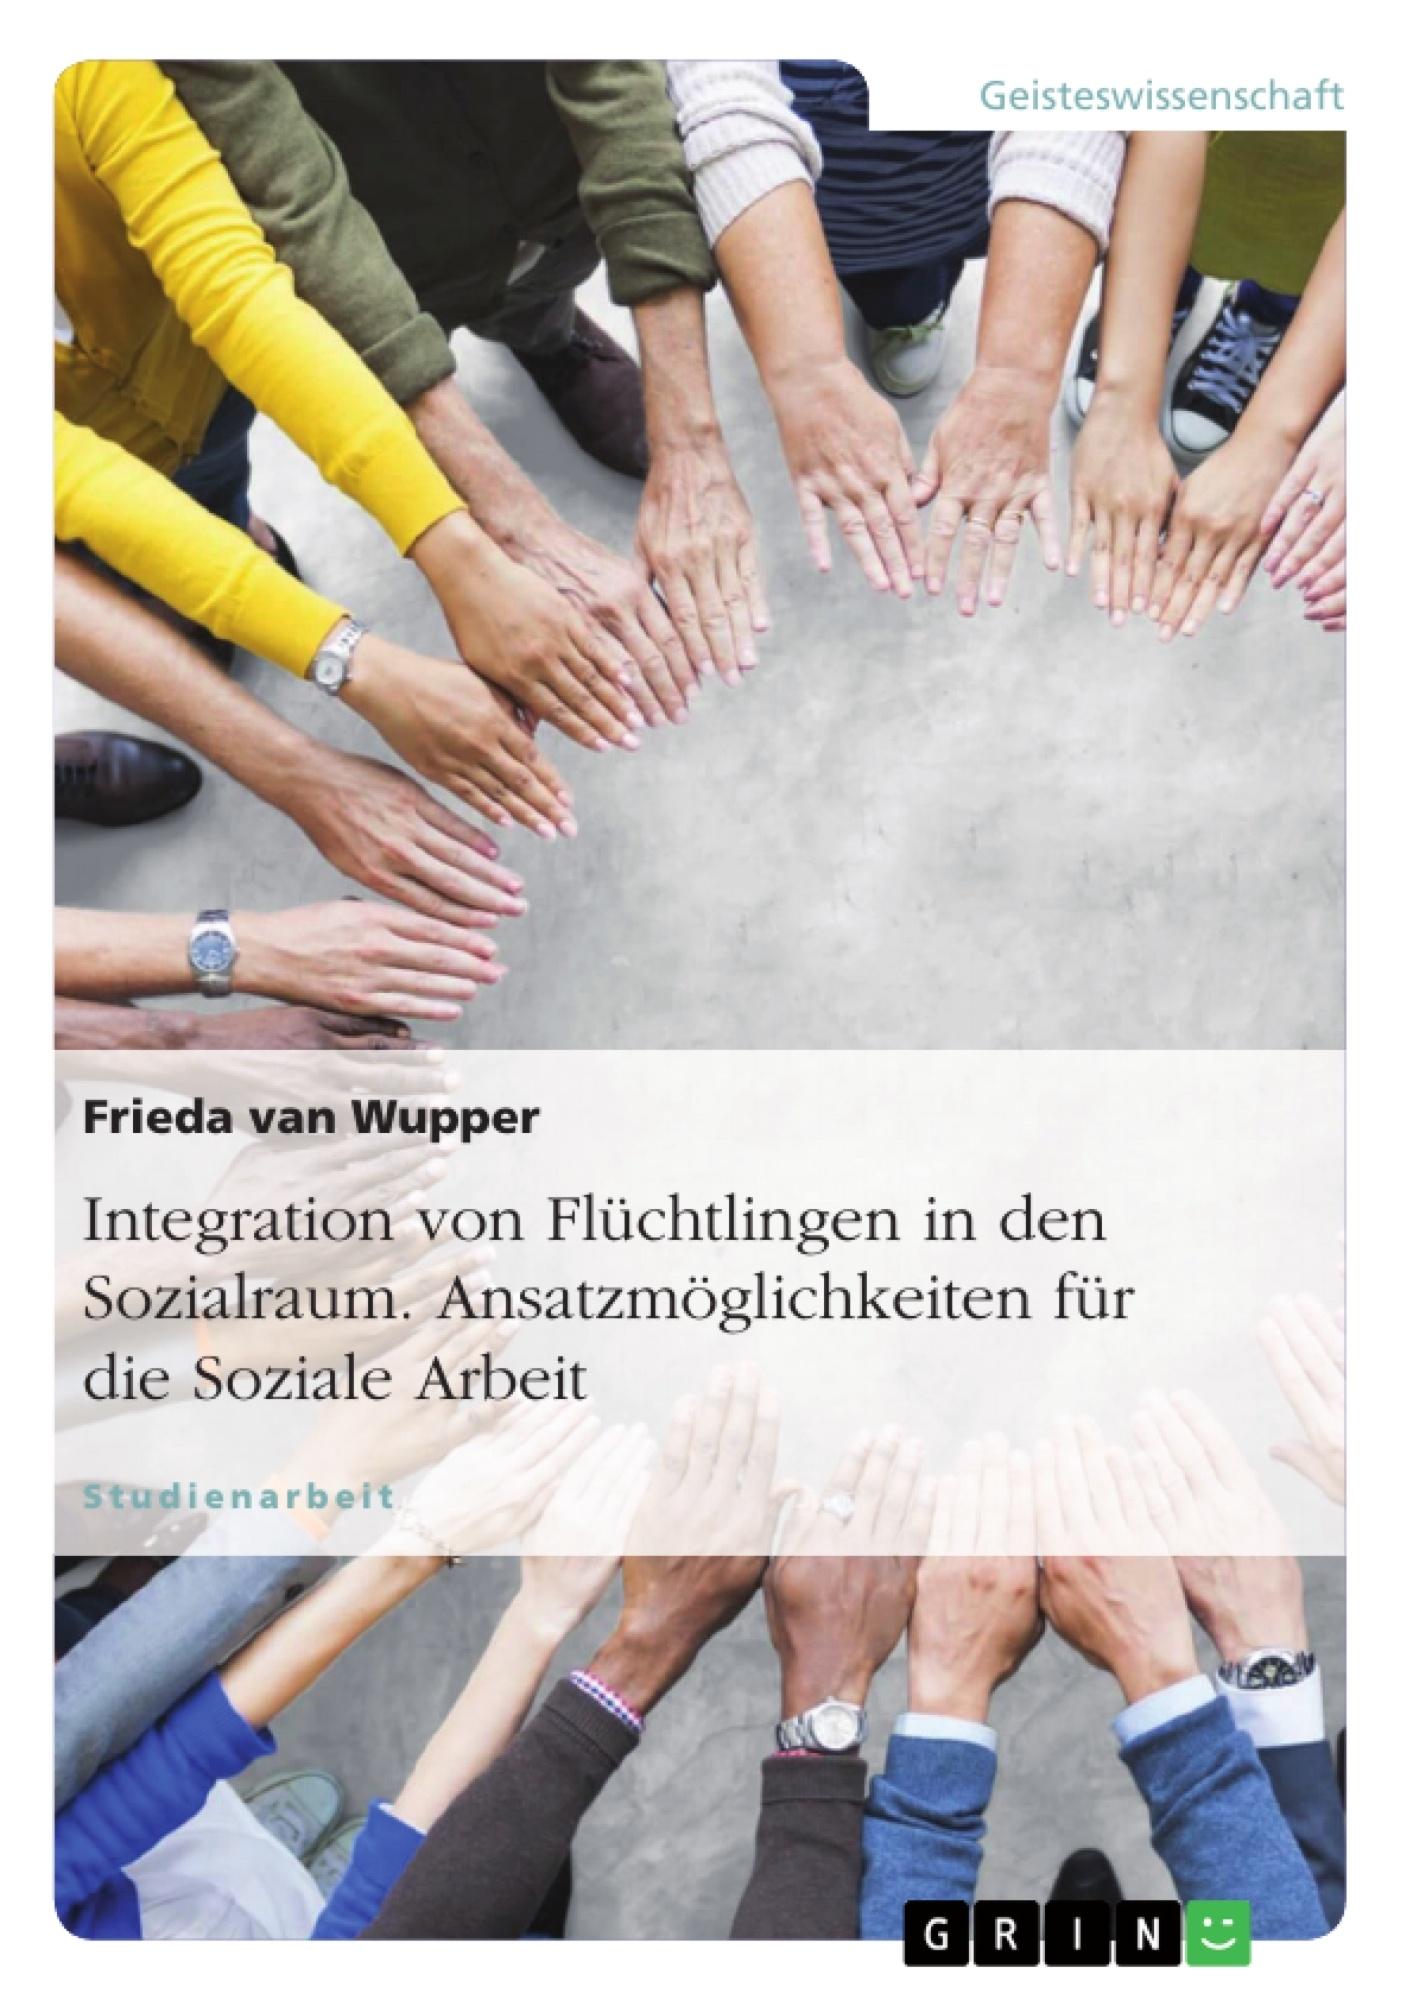 Titel: Integration von Flüchtlingen in den Sozialraum. Ansatzmöglichkeiten für die Soziale Arbeit